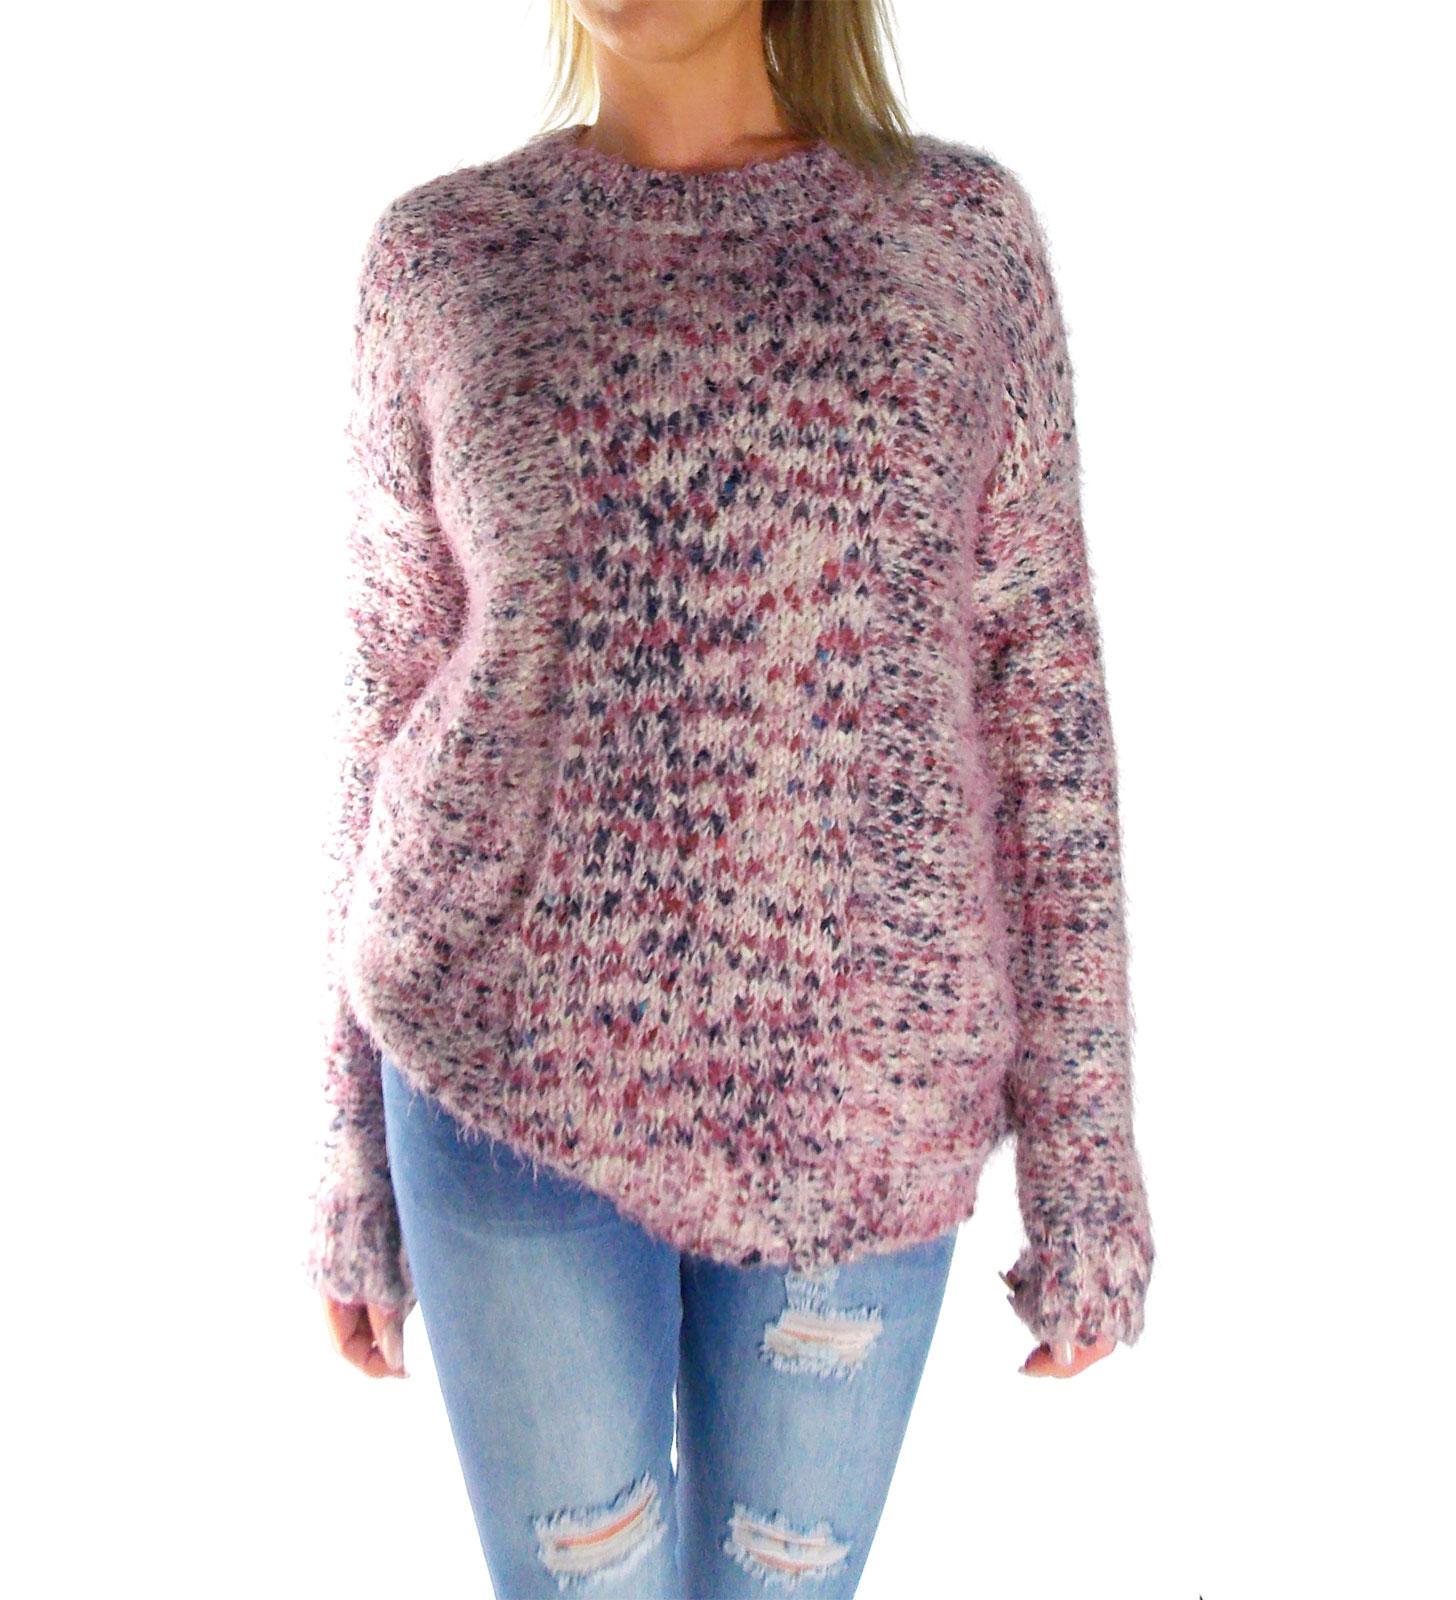 online store 974a5 ac048 Damen Langarm Grob-Strick-Pullis in rosa meliert kuschelweich vorne kurz  hinten lang